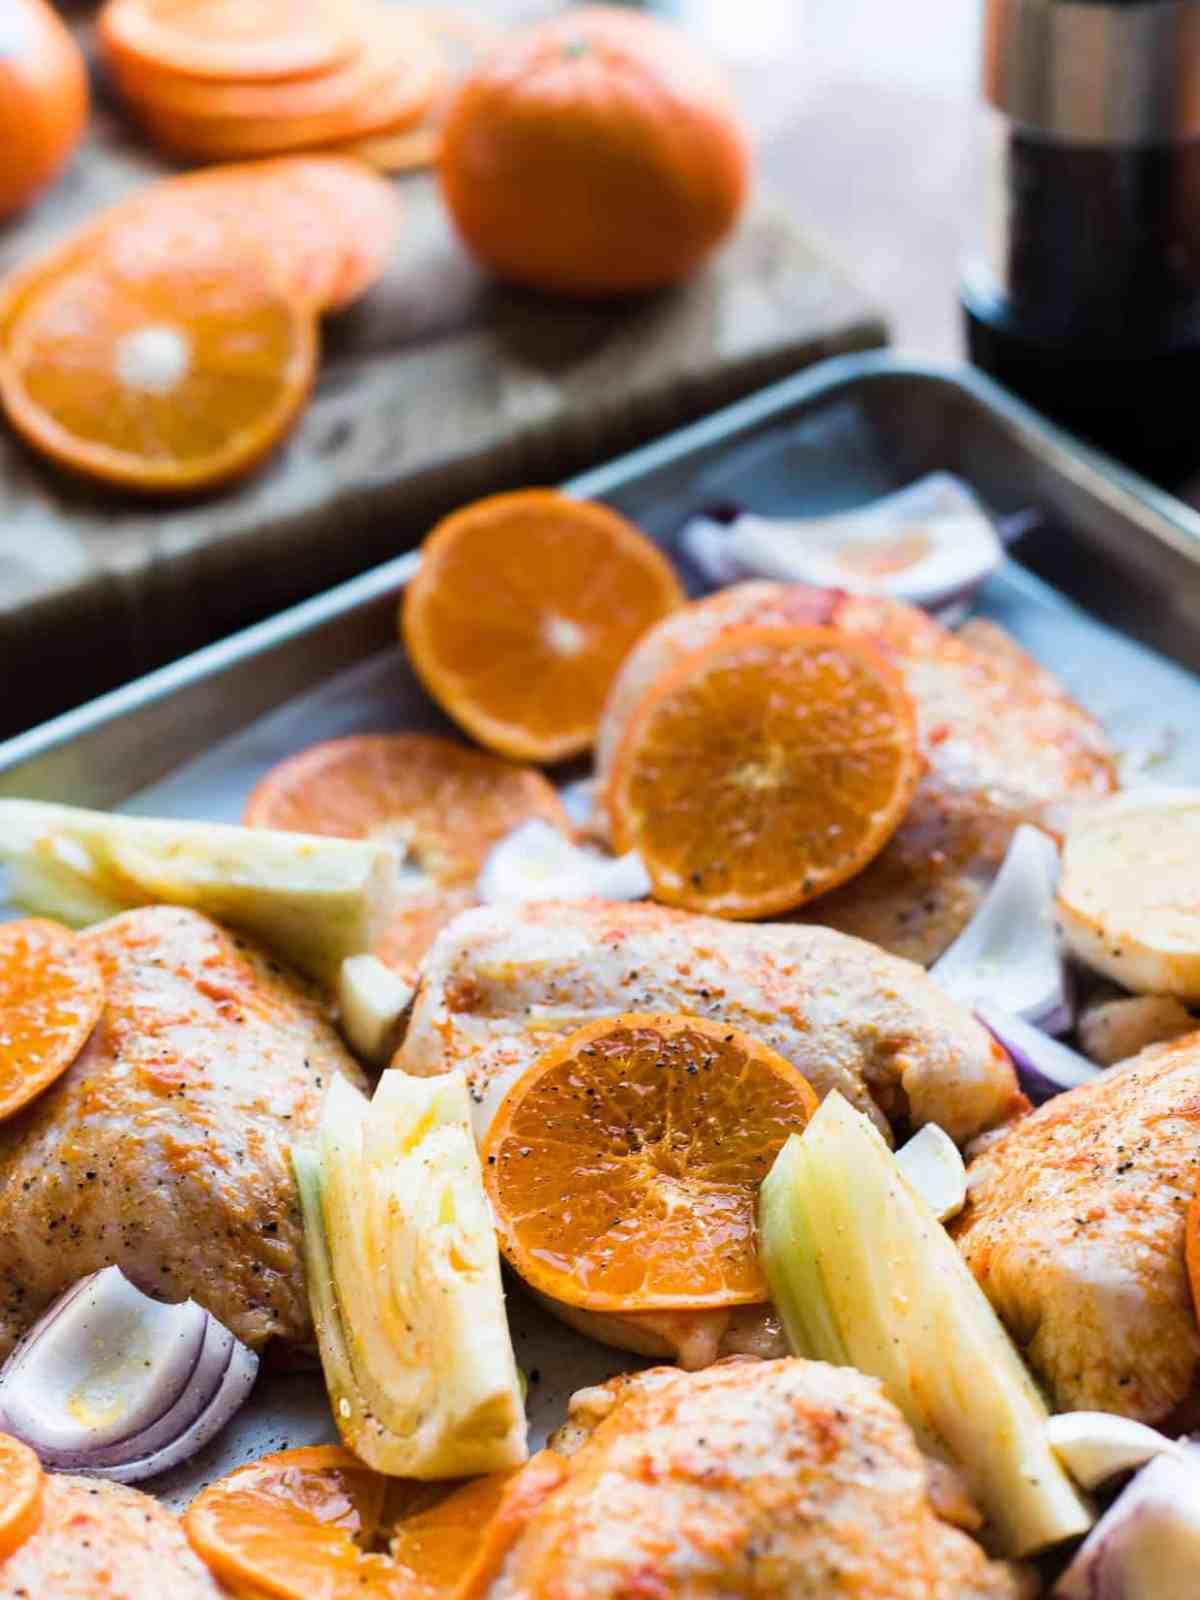 Preparing chicken thighs with mandarin orange slices, fennel, red onion on baking sheet.